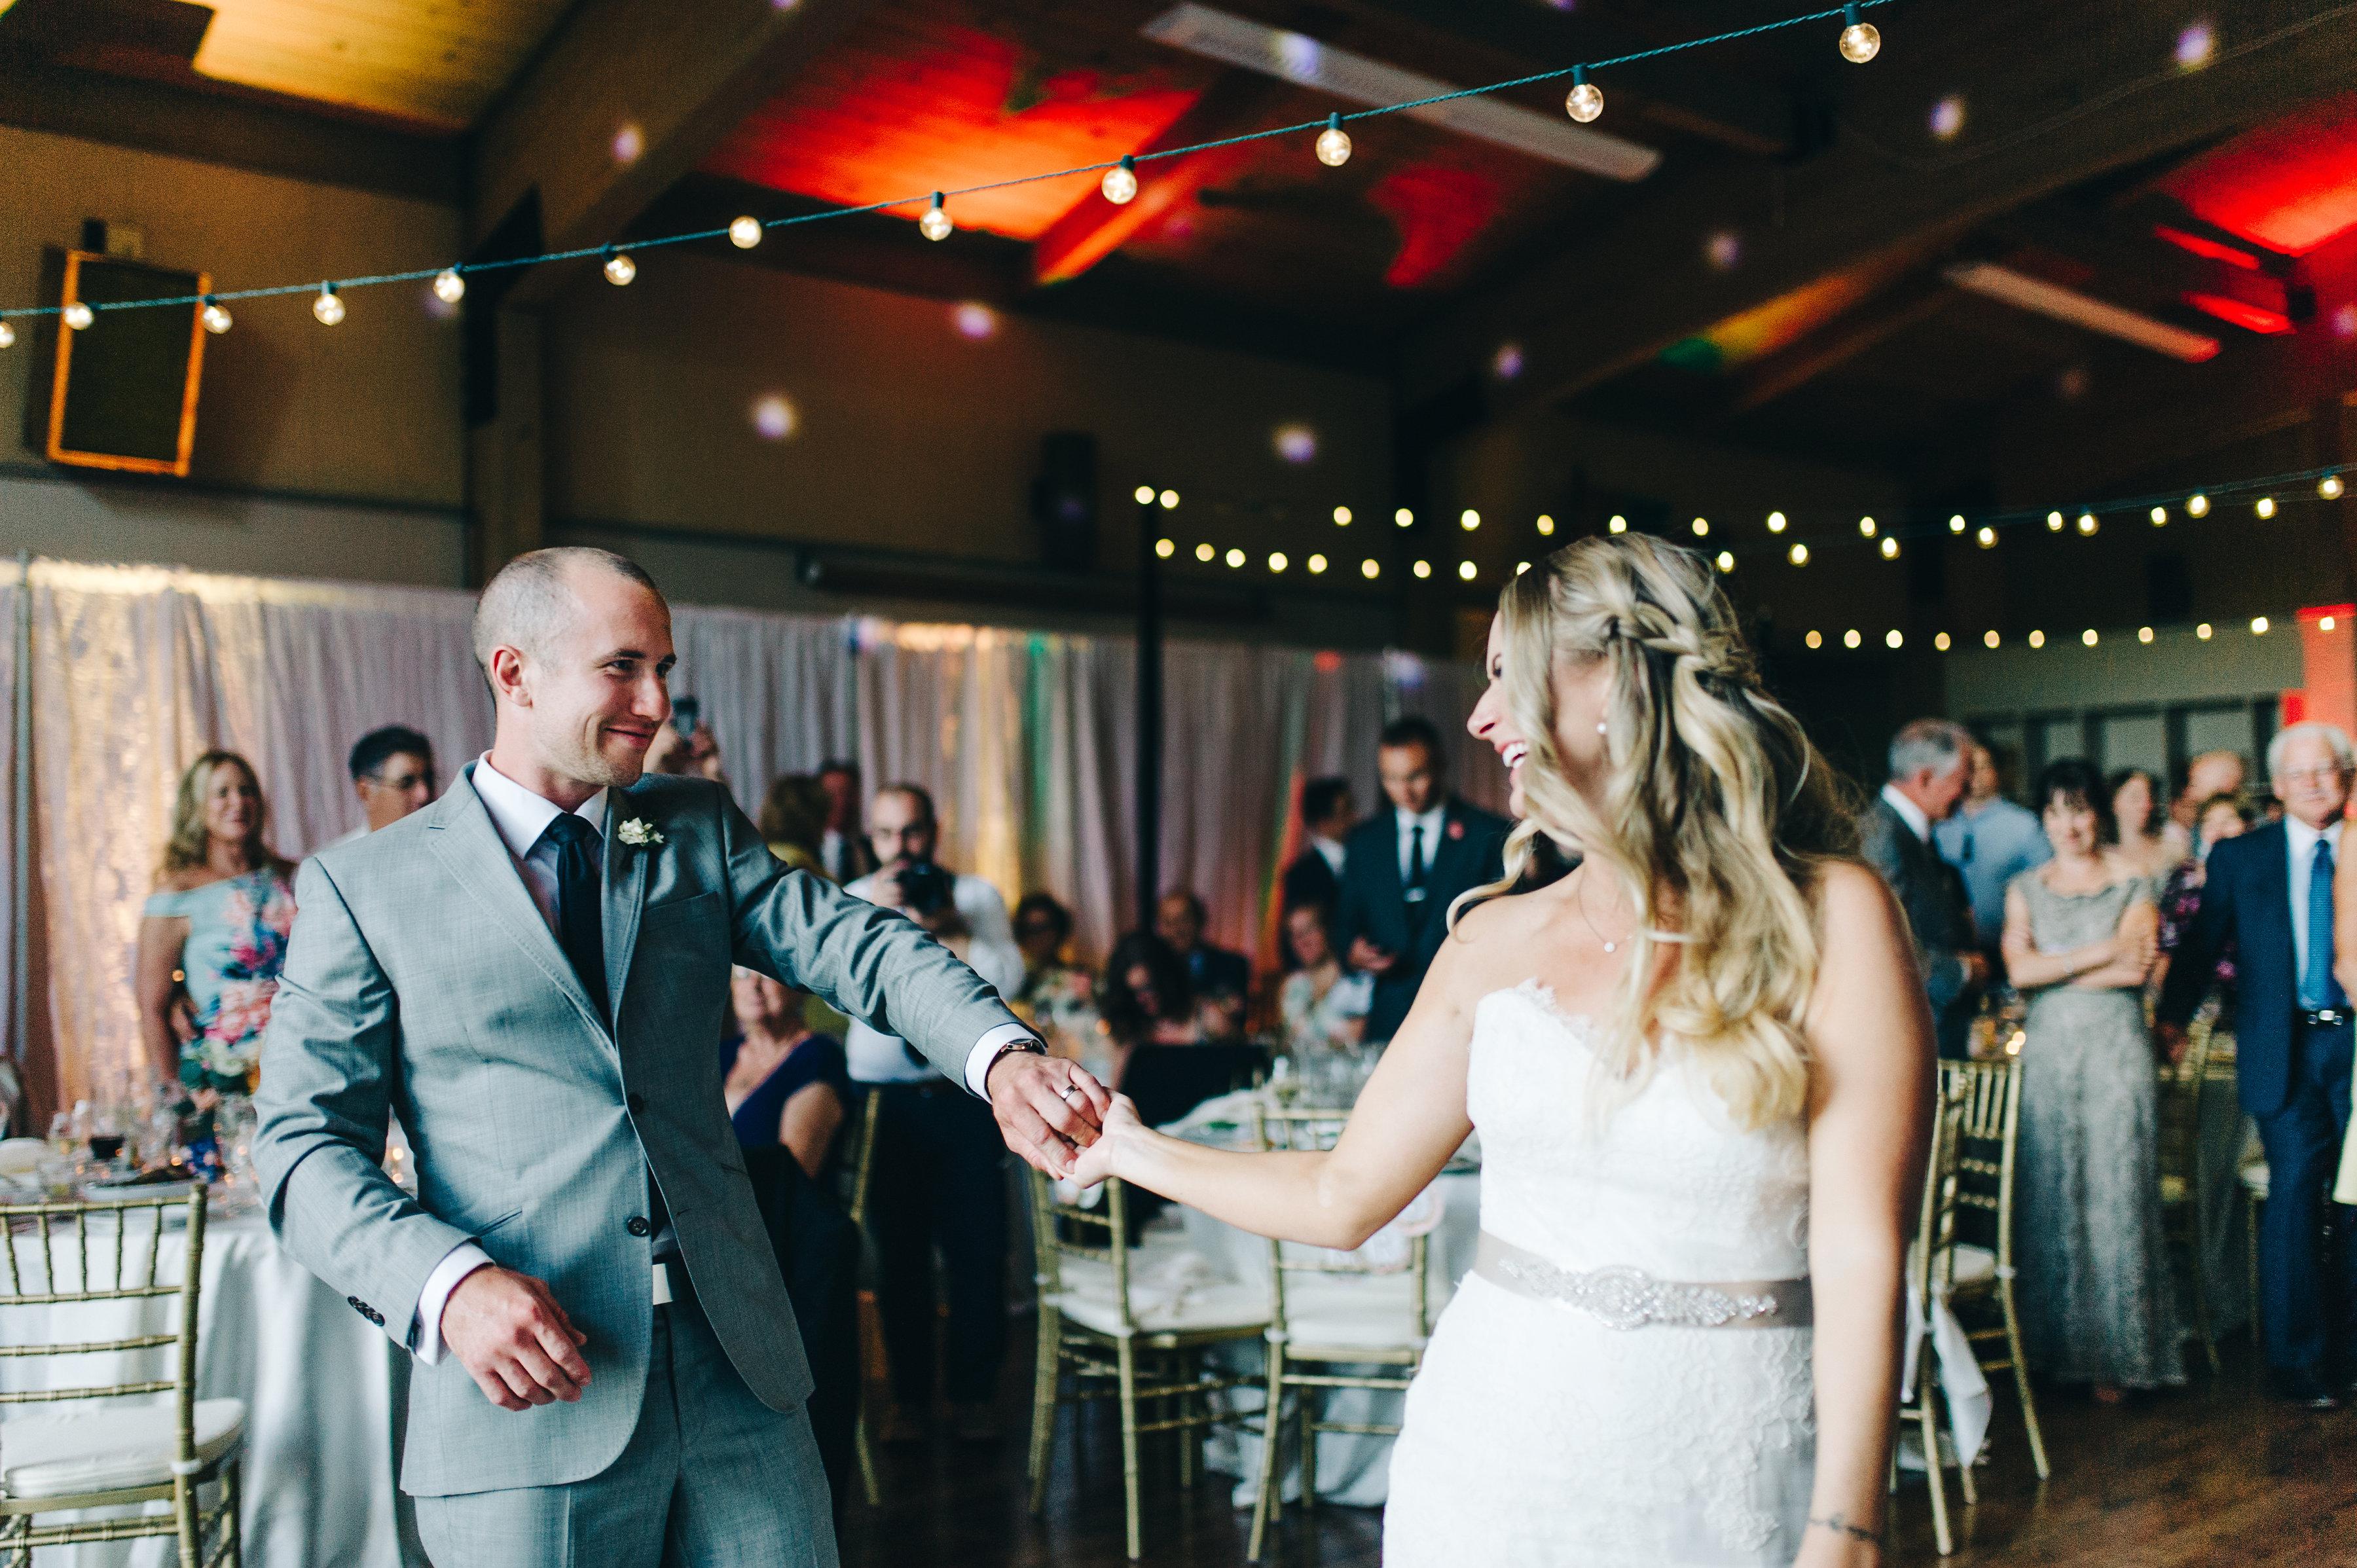 wedding, couple, bride, groom, garden, venue, reception, dancing